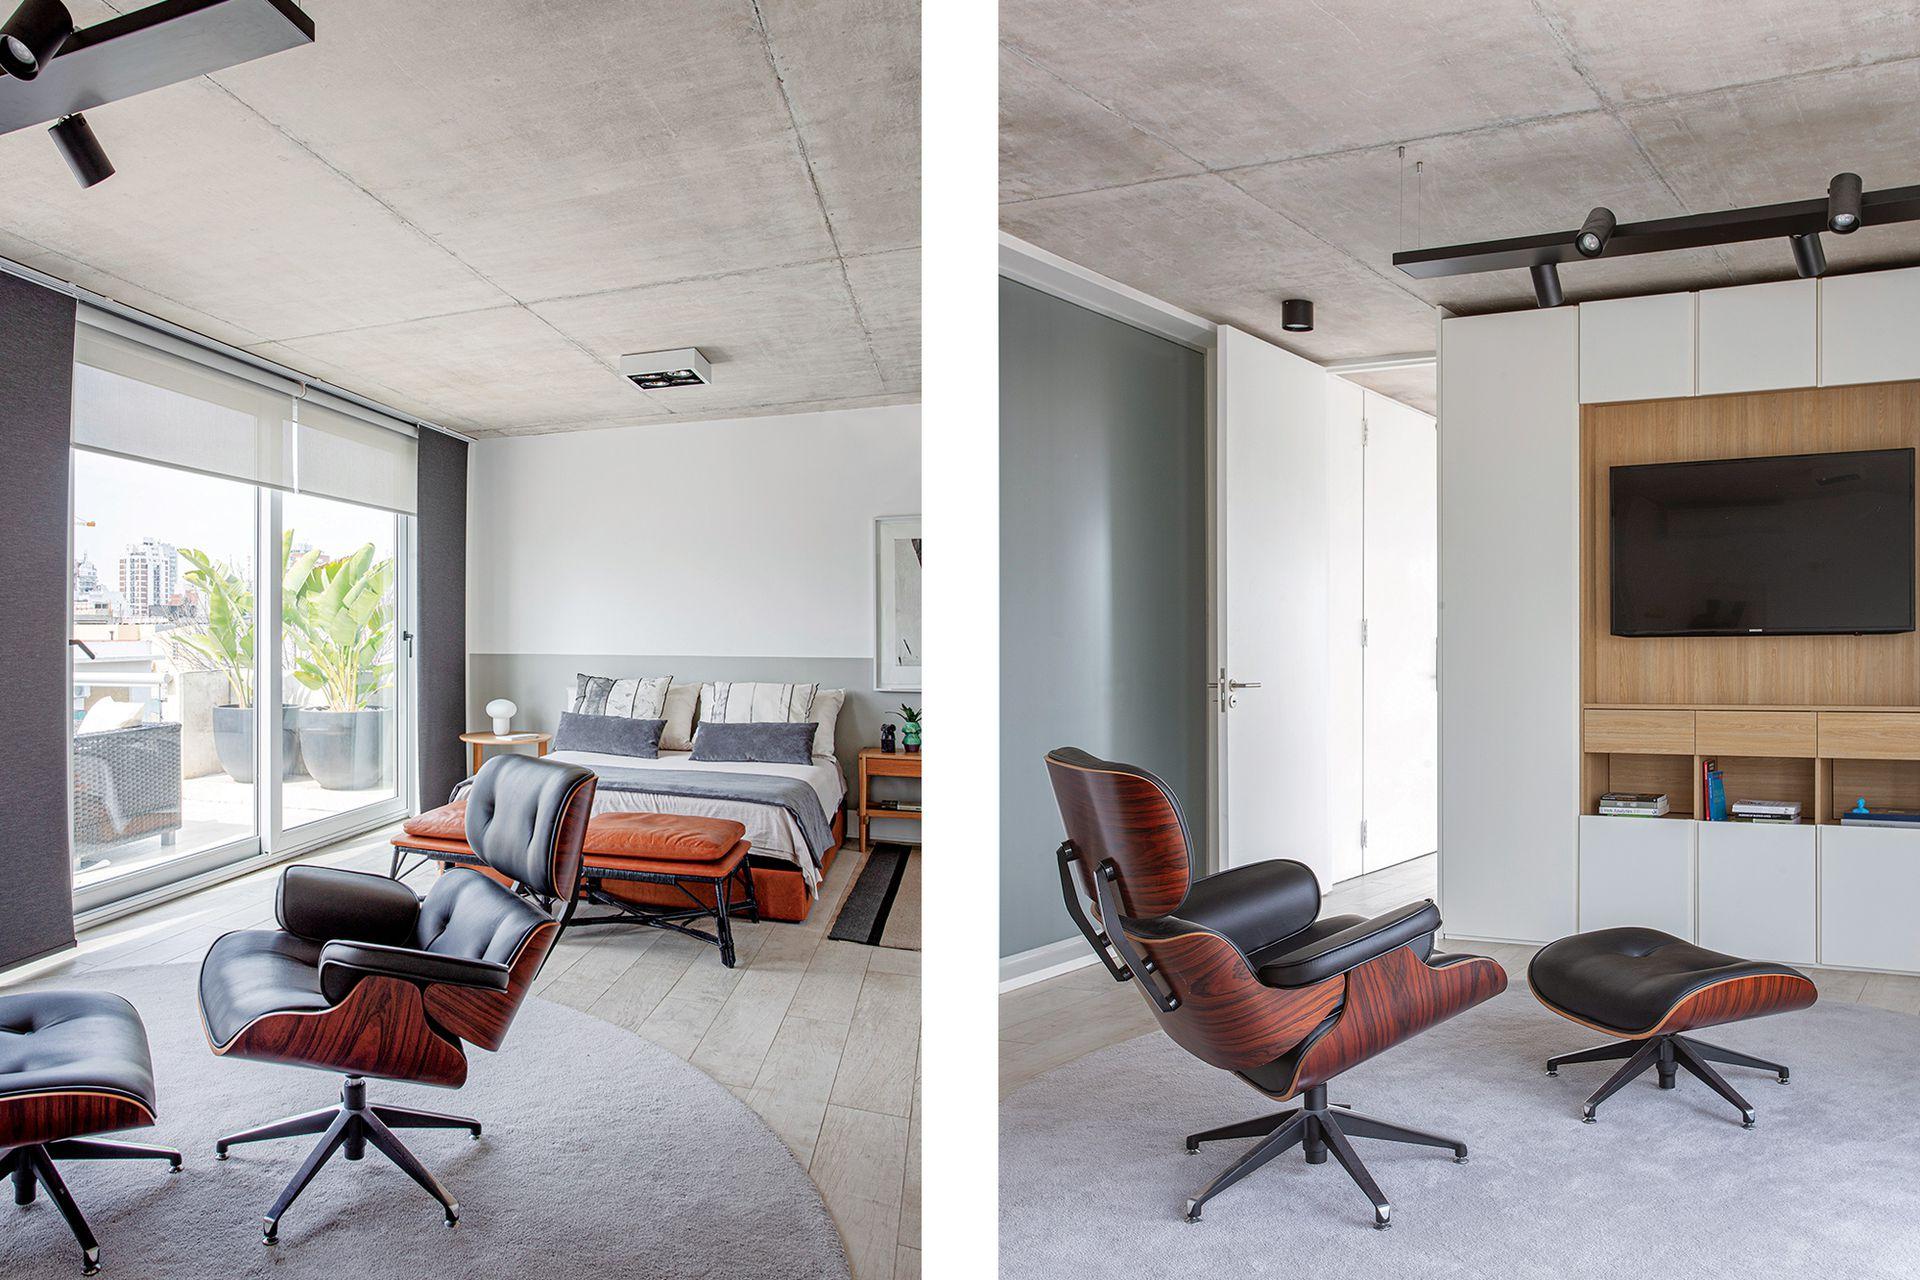 Sillón 'Eames' heredado. El mueble en melamina blanca y roble natural (Egger) que aloja la tele es un diseño del Estudio CDW ejecutado por Occhipinti. Carpeta circular gris, de la colección 'Magnifika' (Kalpakian).